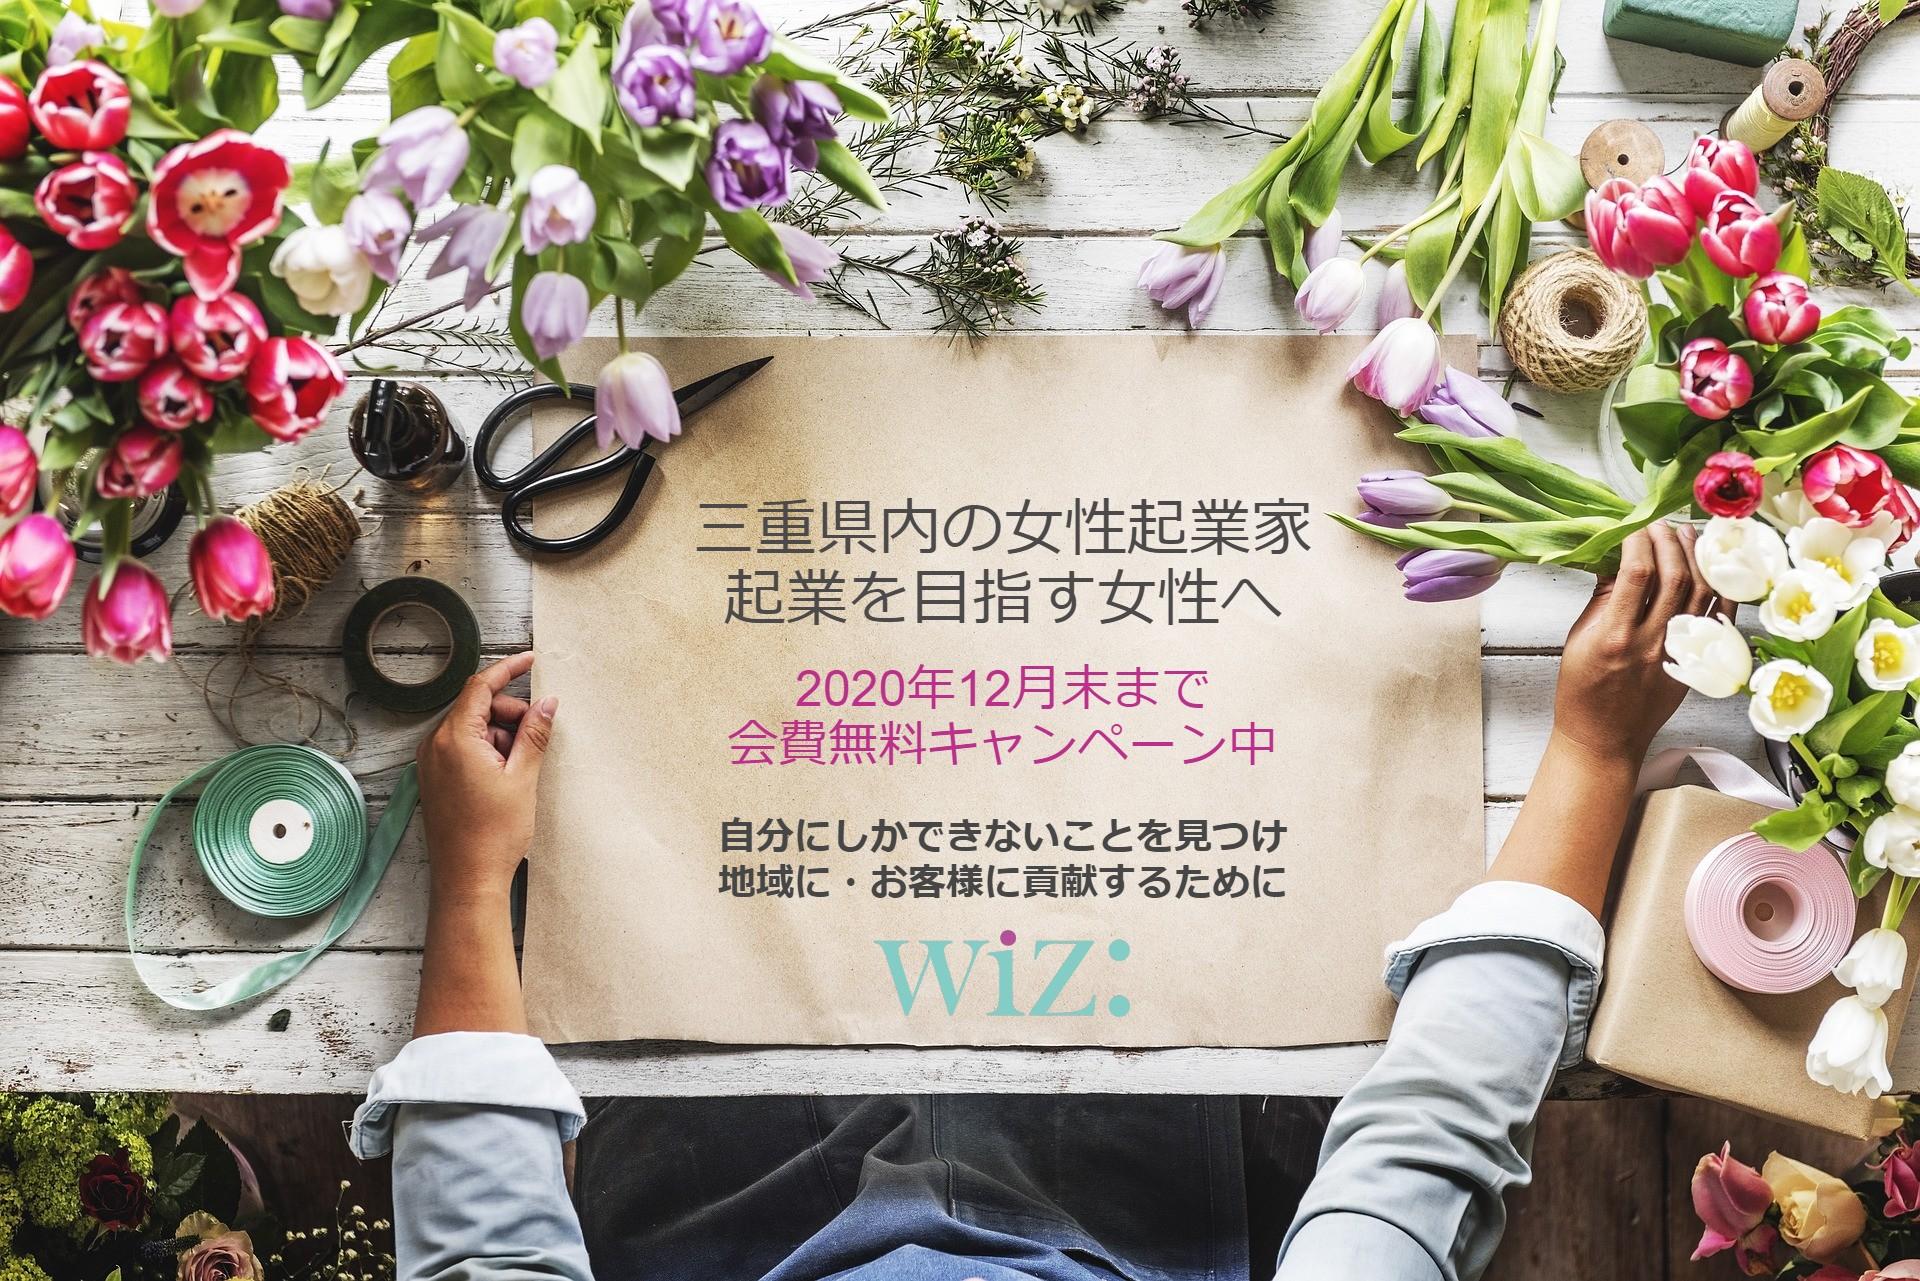 2020年12月末まで会費無料キャンペーン【1,800円/月コイン付♪】